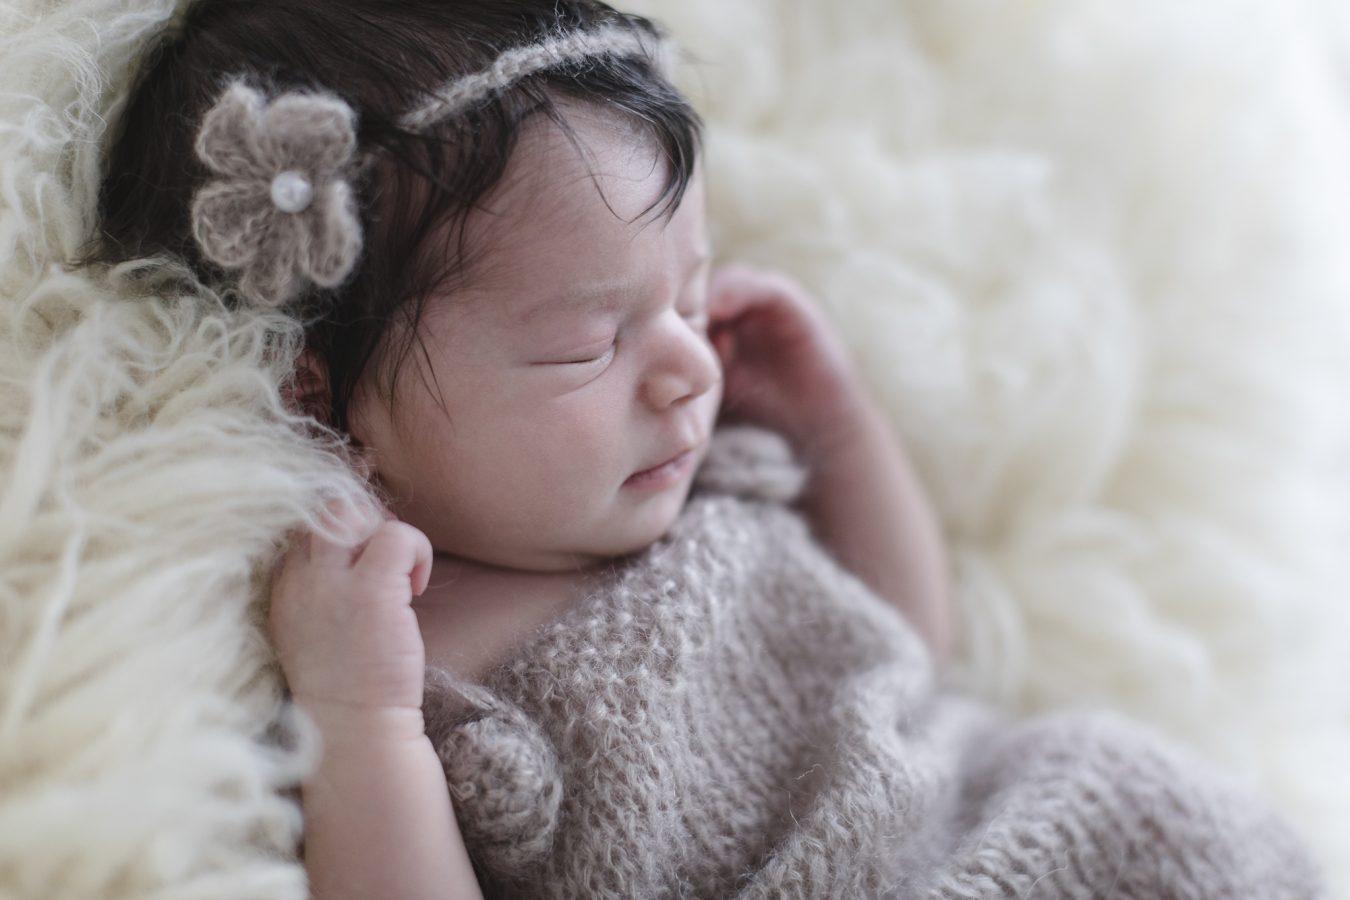 Babyfotograf Hamburg - Baby liegt auf einem Flokati